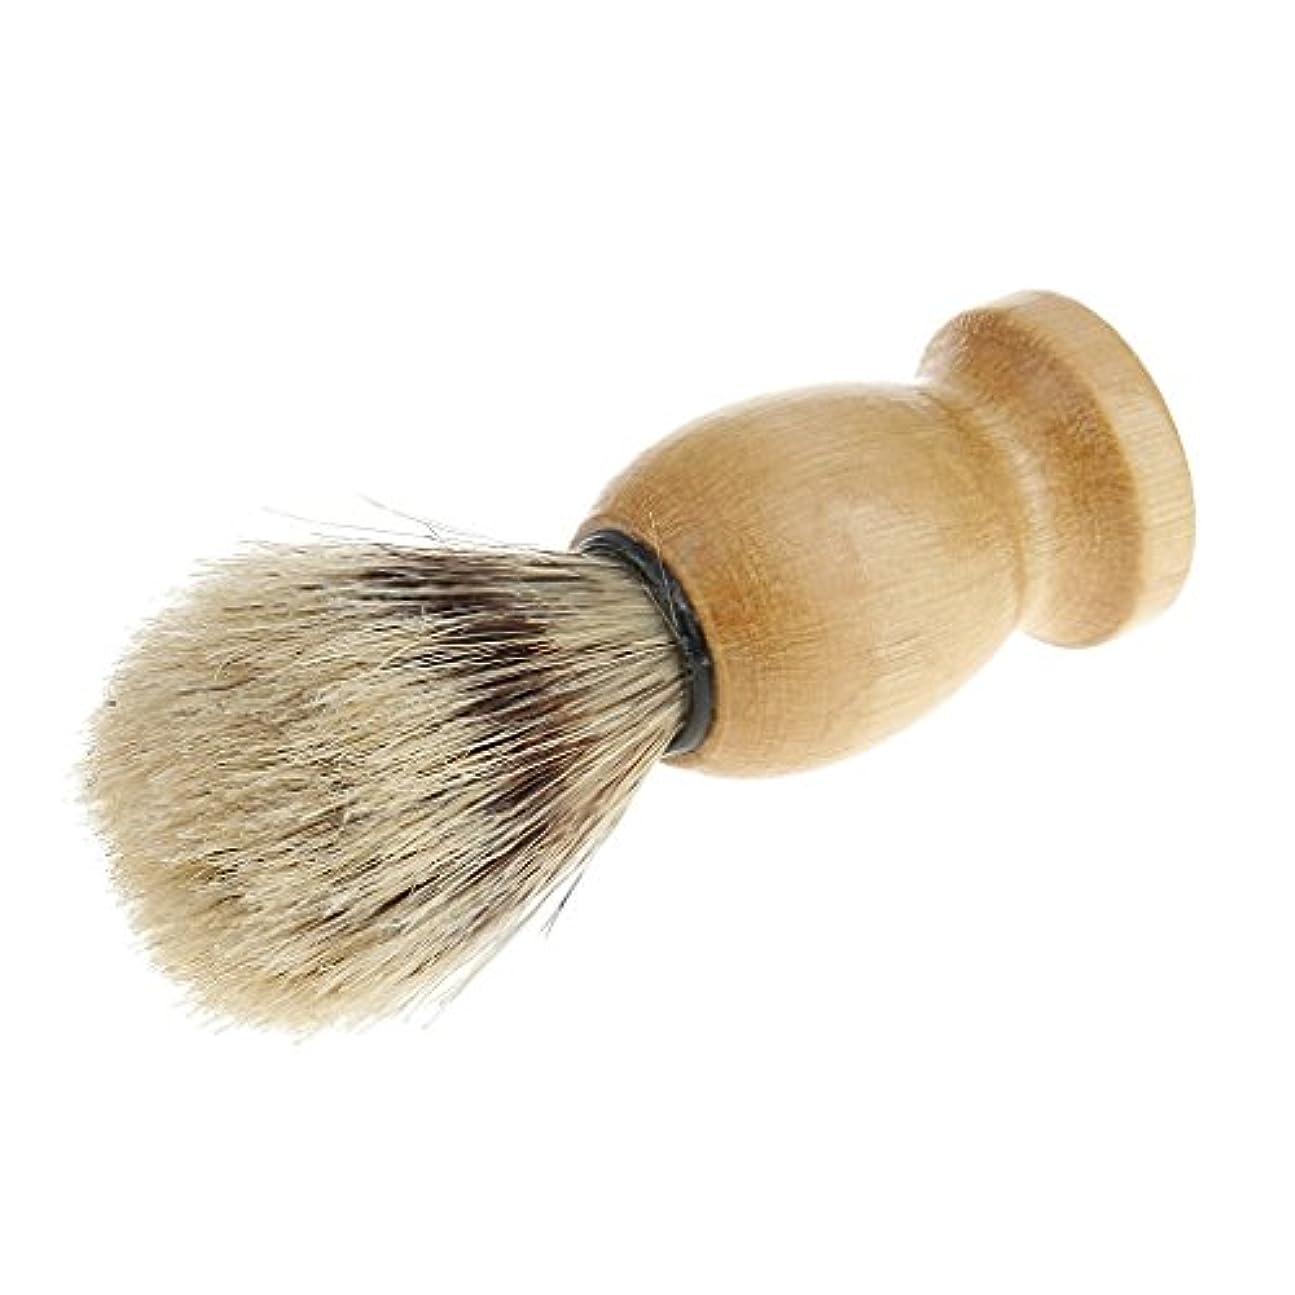 治療機関喜び非ブランド品 シェービングブラシ 髭剃り メンズ用 理容 便利 柔らかい 便携 黄+黒